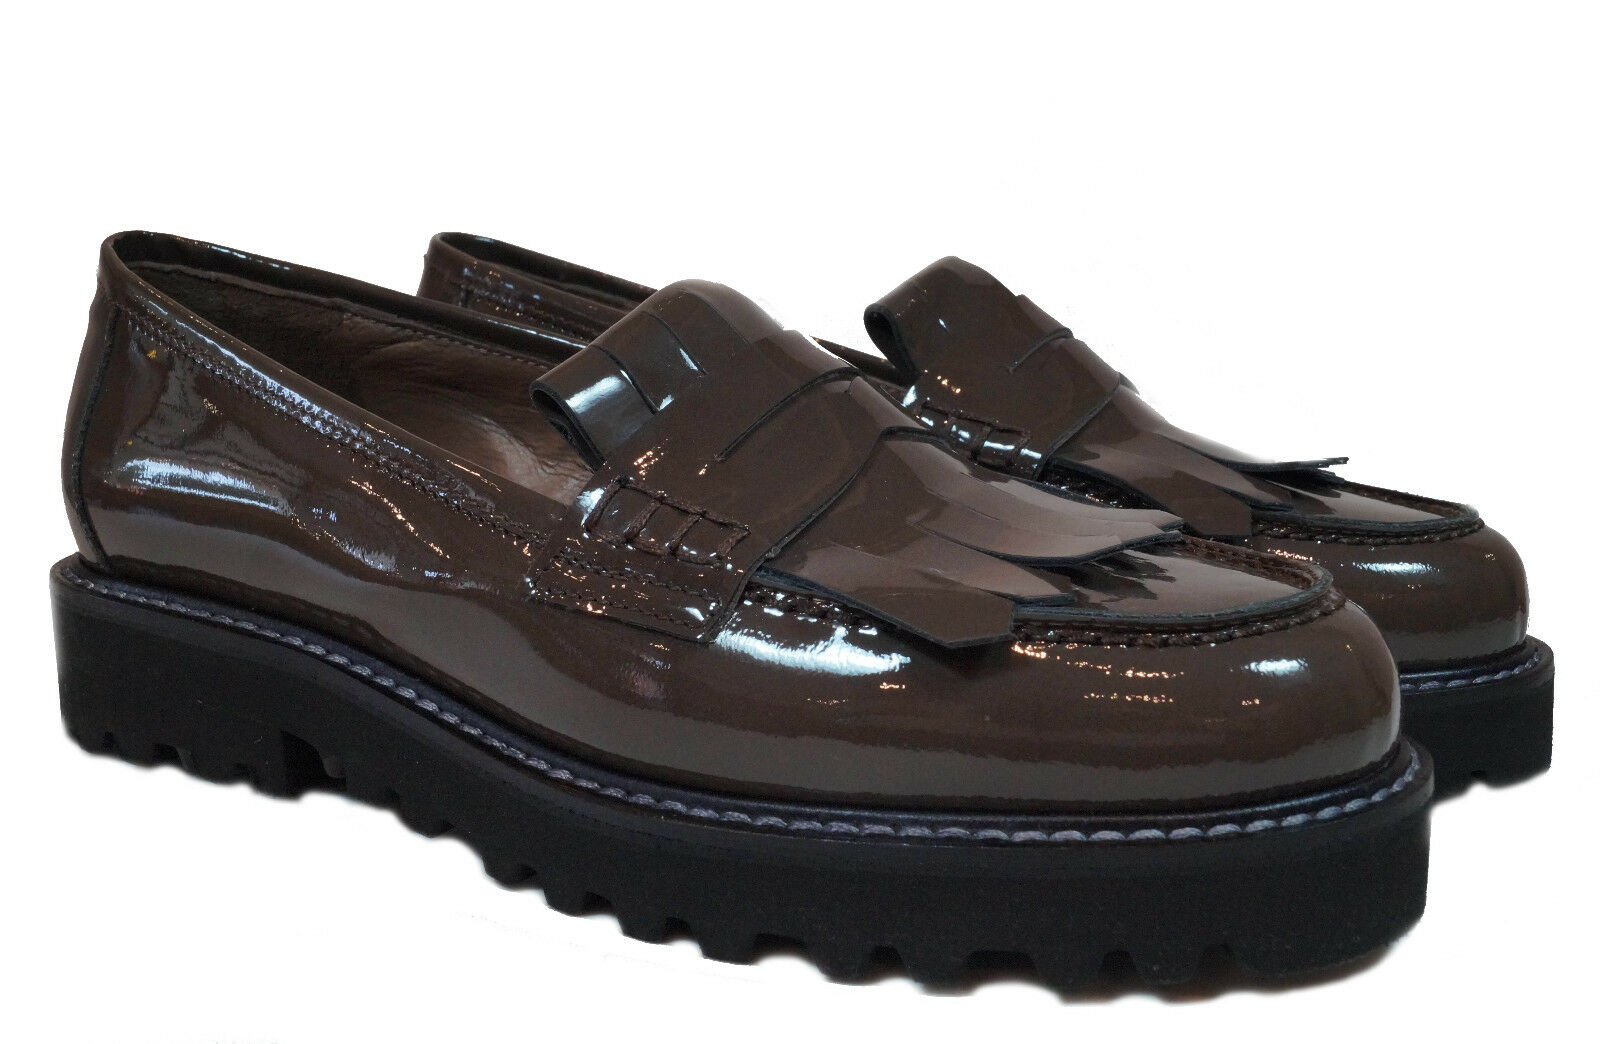 CENEDELLA CENEDELLA CENEDELLA Schuhe Slipper Artikel  P132 Gr.36 Asiavernice taupe ... 8c9734